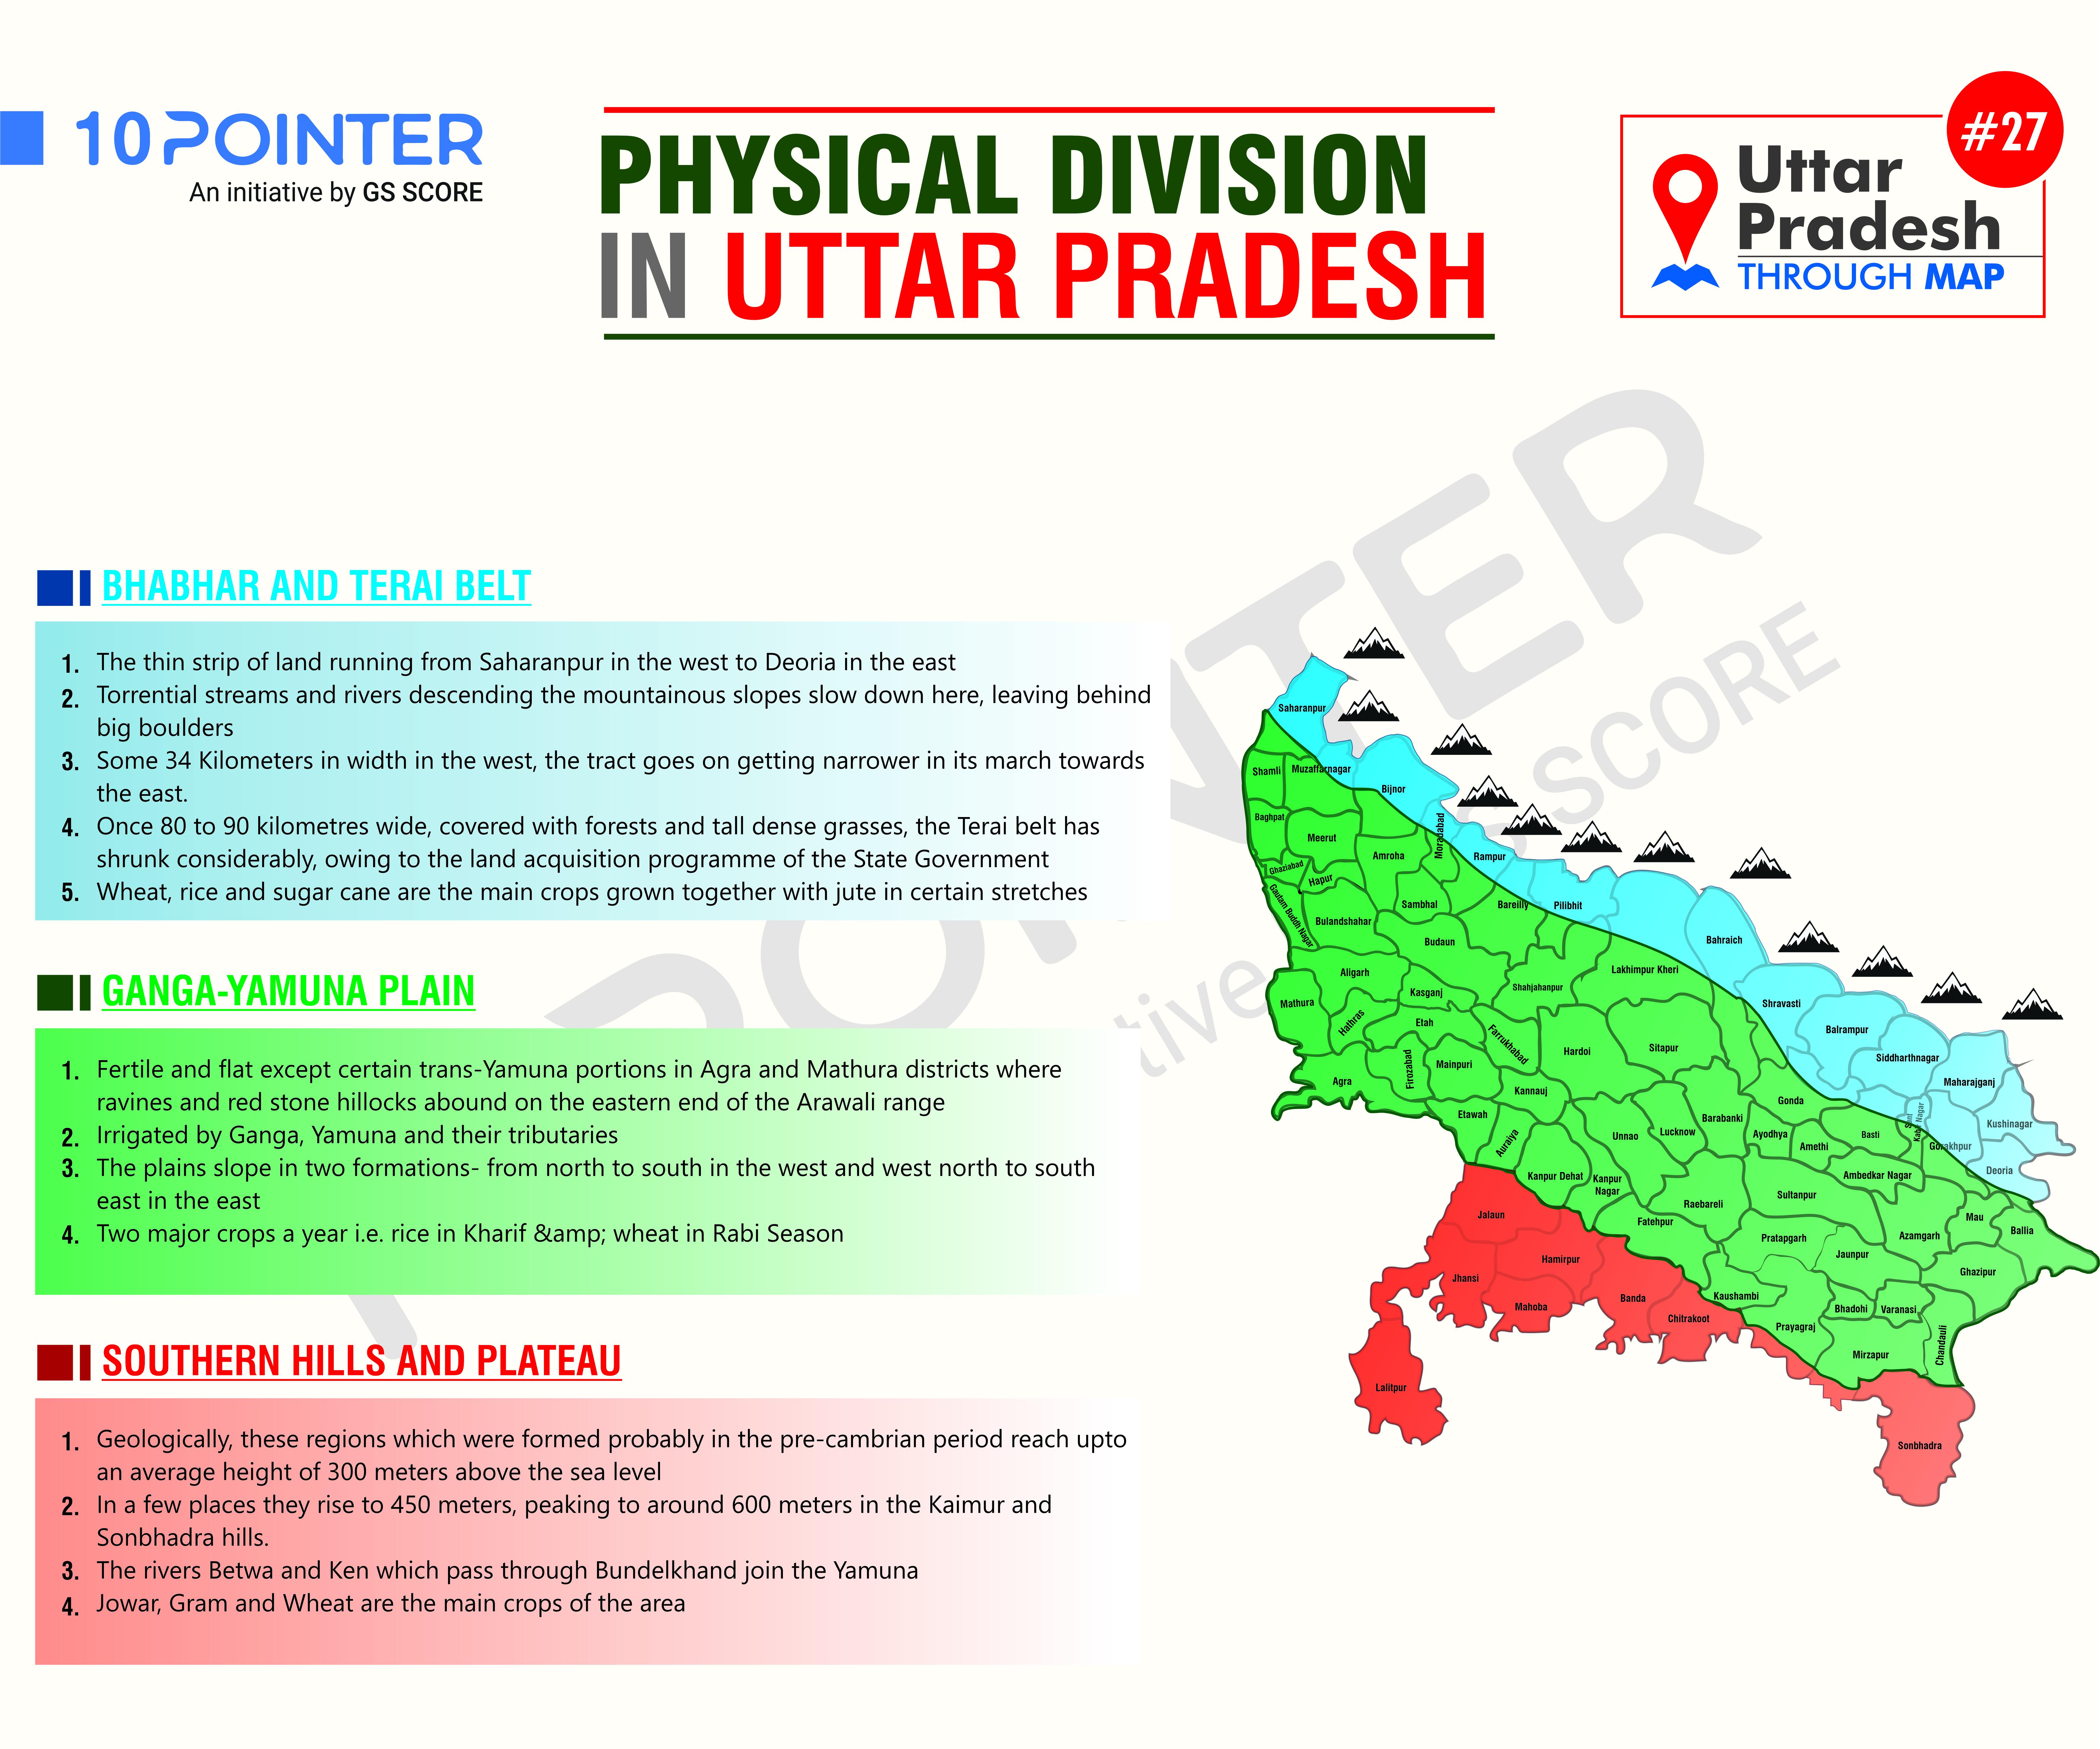 Physical Division in Utter Pradesh